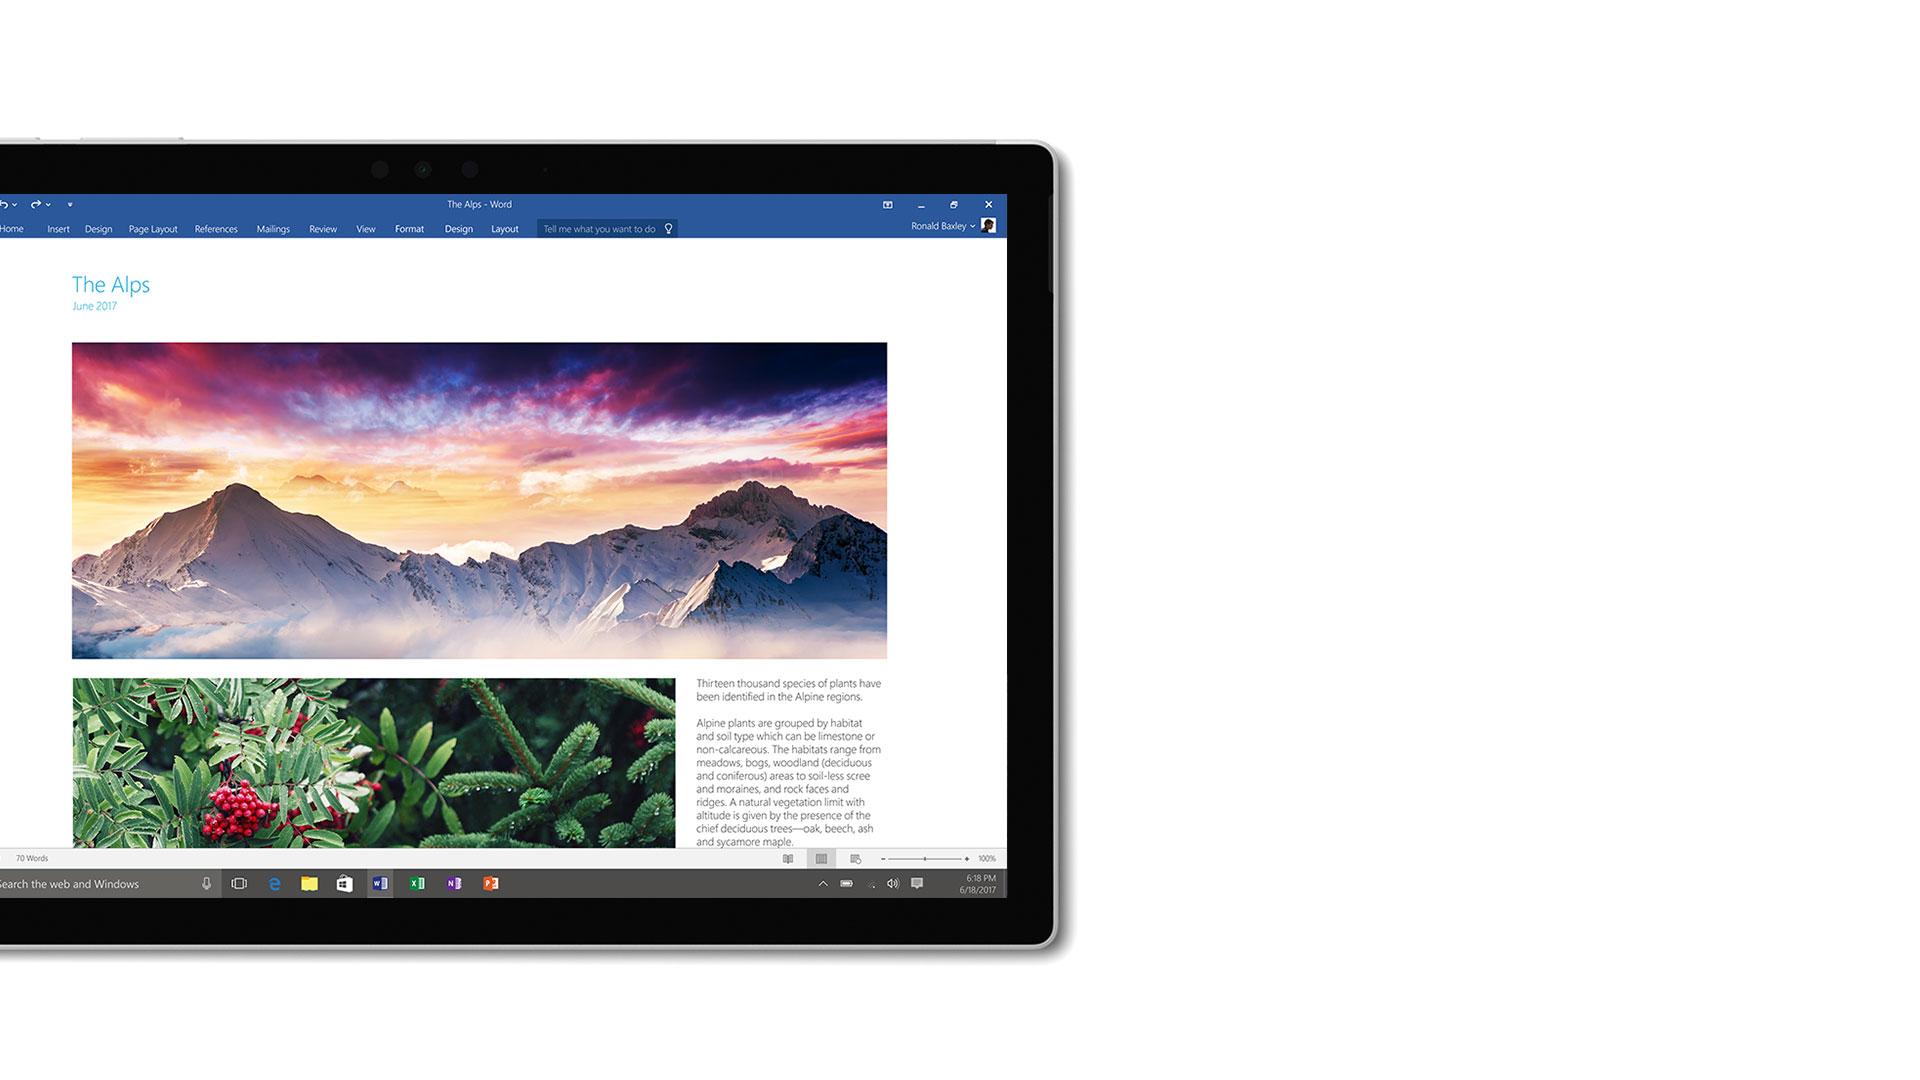 Immagine dell'interfaccia utente di Microsoft Word